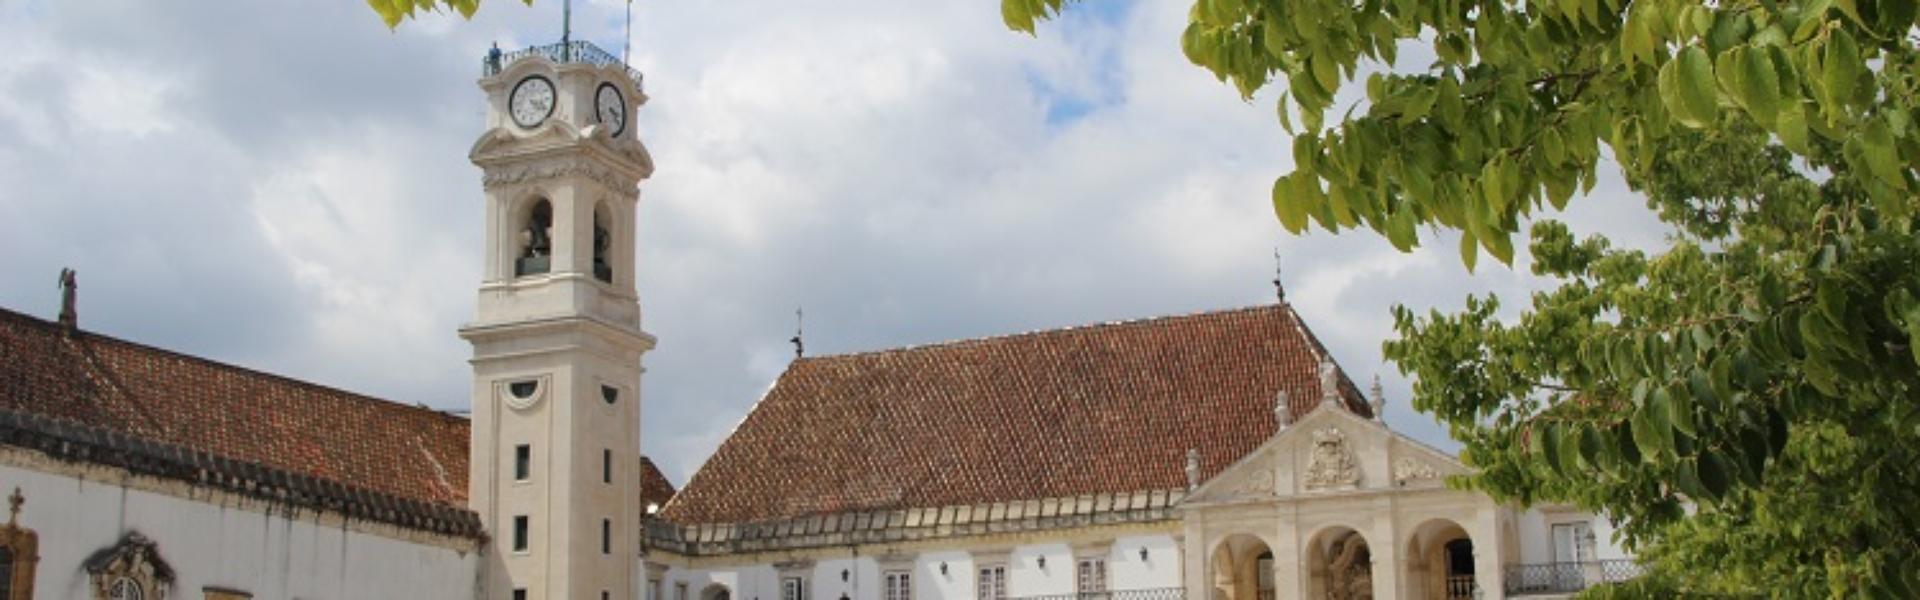 Universidade de Coimbra considerada a melhor instituição portuguesa – e única no top 20 mundial – no cumprimento do indicador Saúde e Bem-estar estabelecido pela ONU